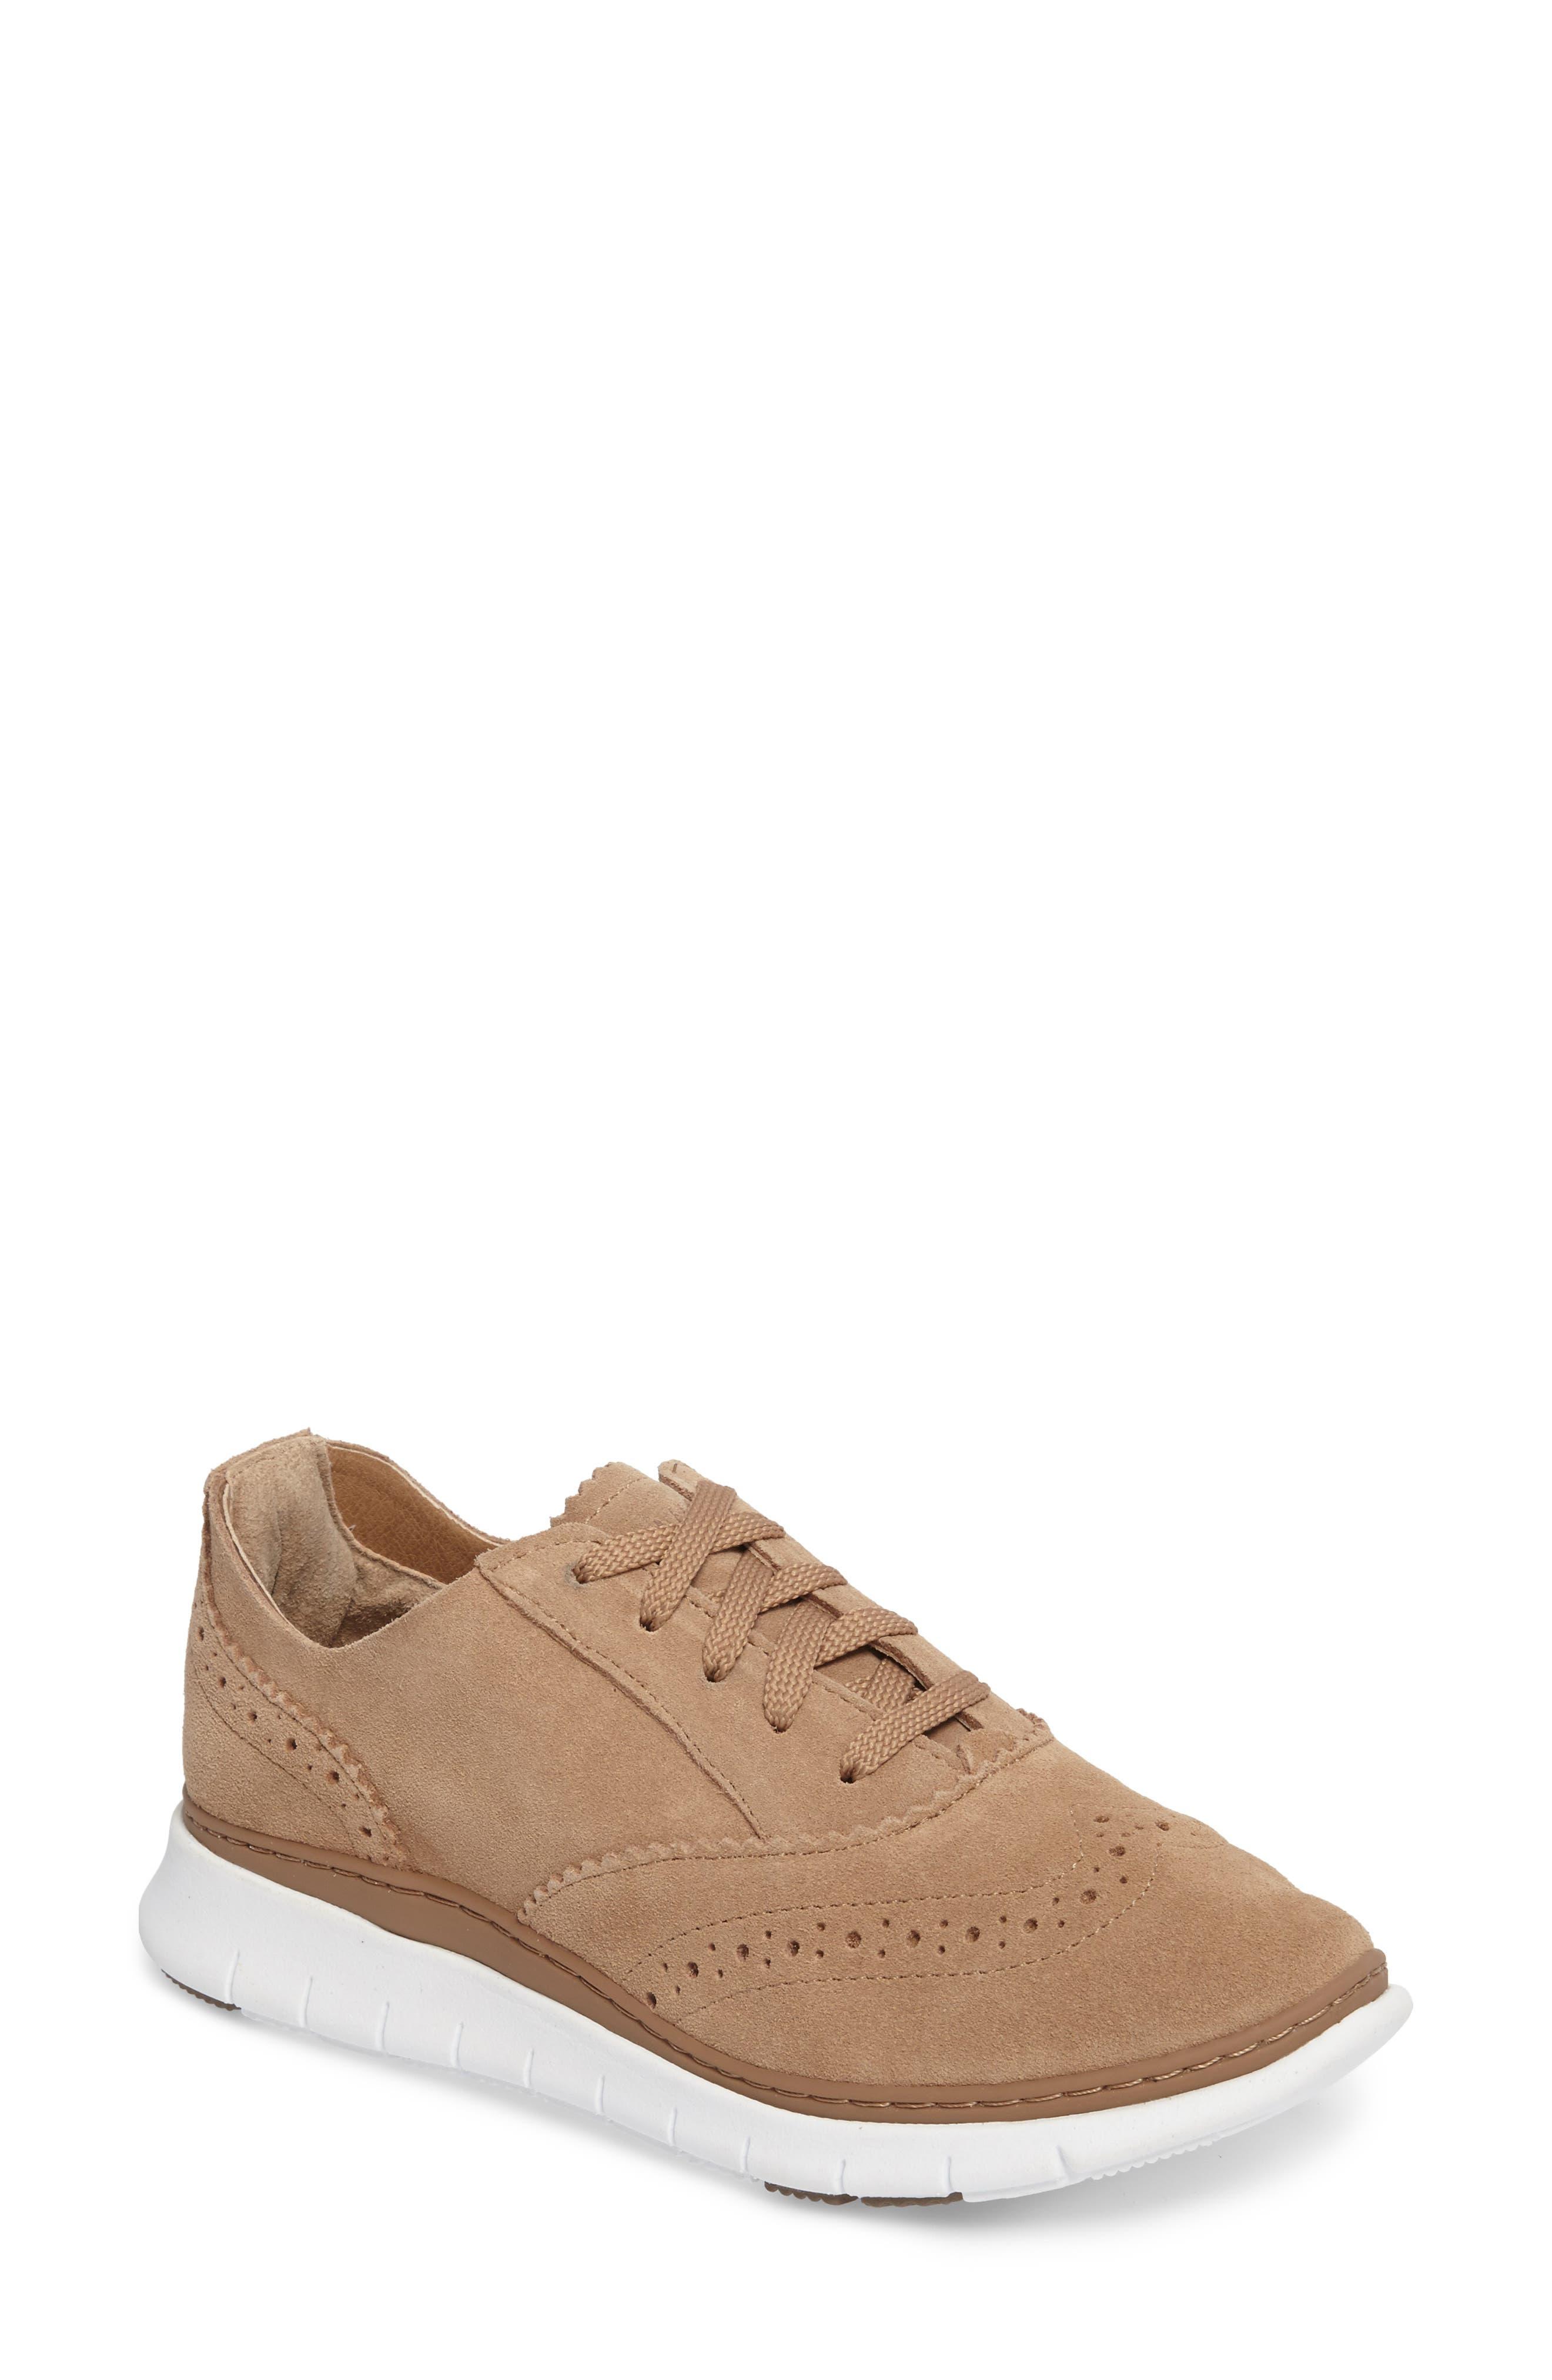 Vionic Kenley Sneaker (Women)